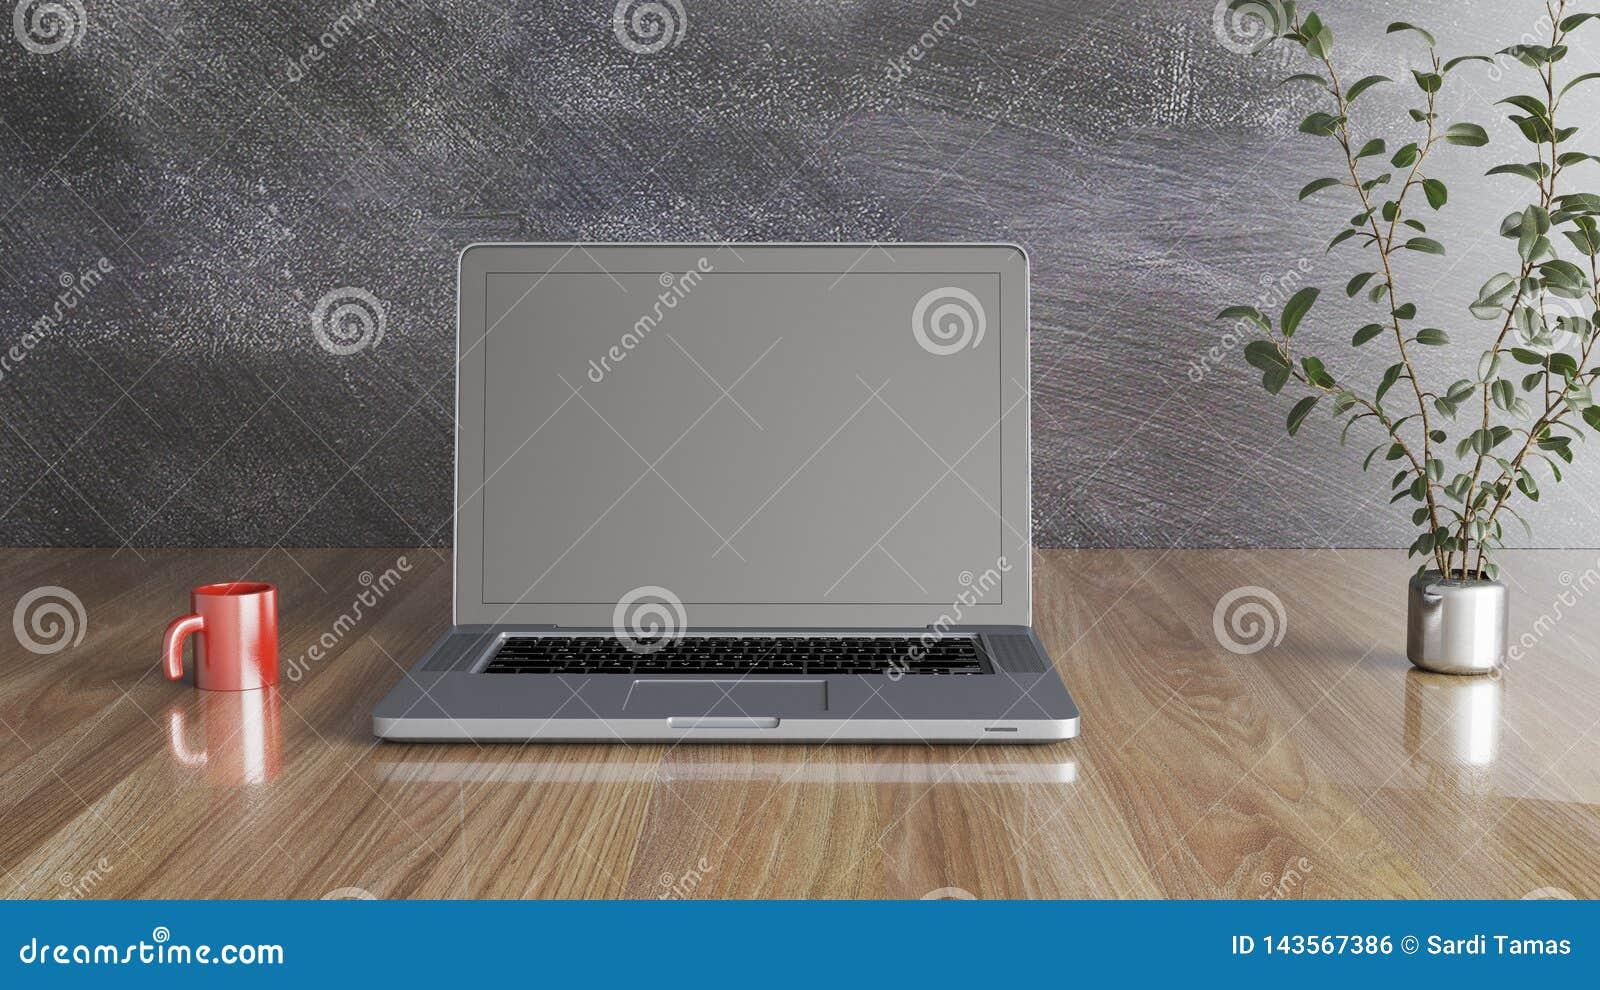 Notizbuch mit einem Becher und eine Anlage, eine schwarze Wand und hölzerne eine Illustration der Tabelle 3D